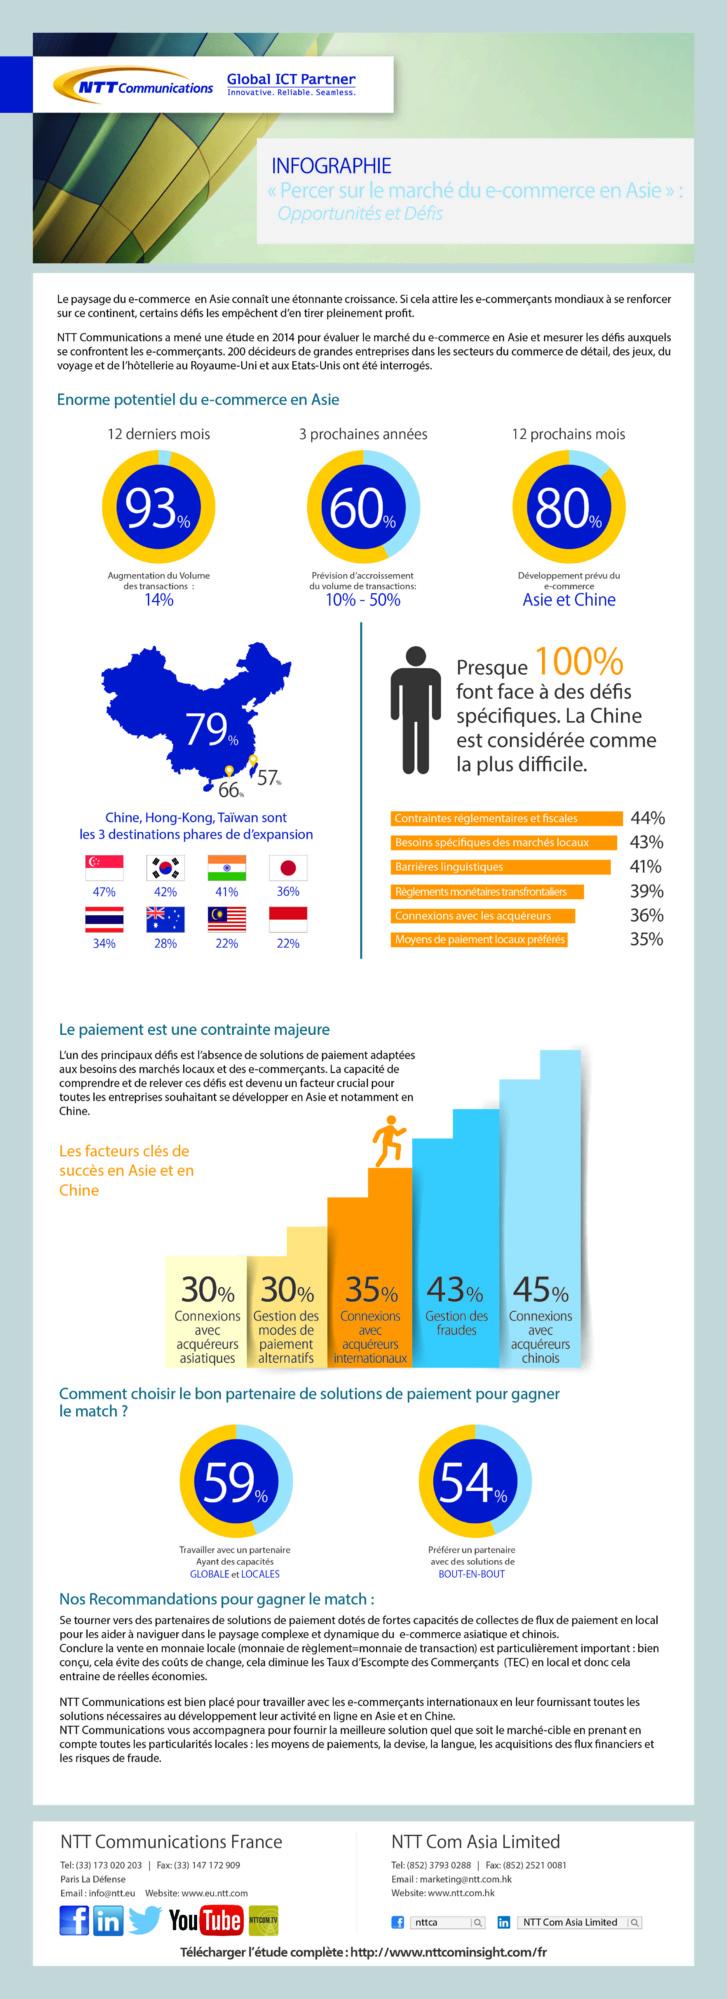 Infographie NTT : Percer sur le marché du e-commerce en Asie